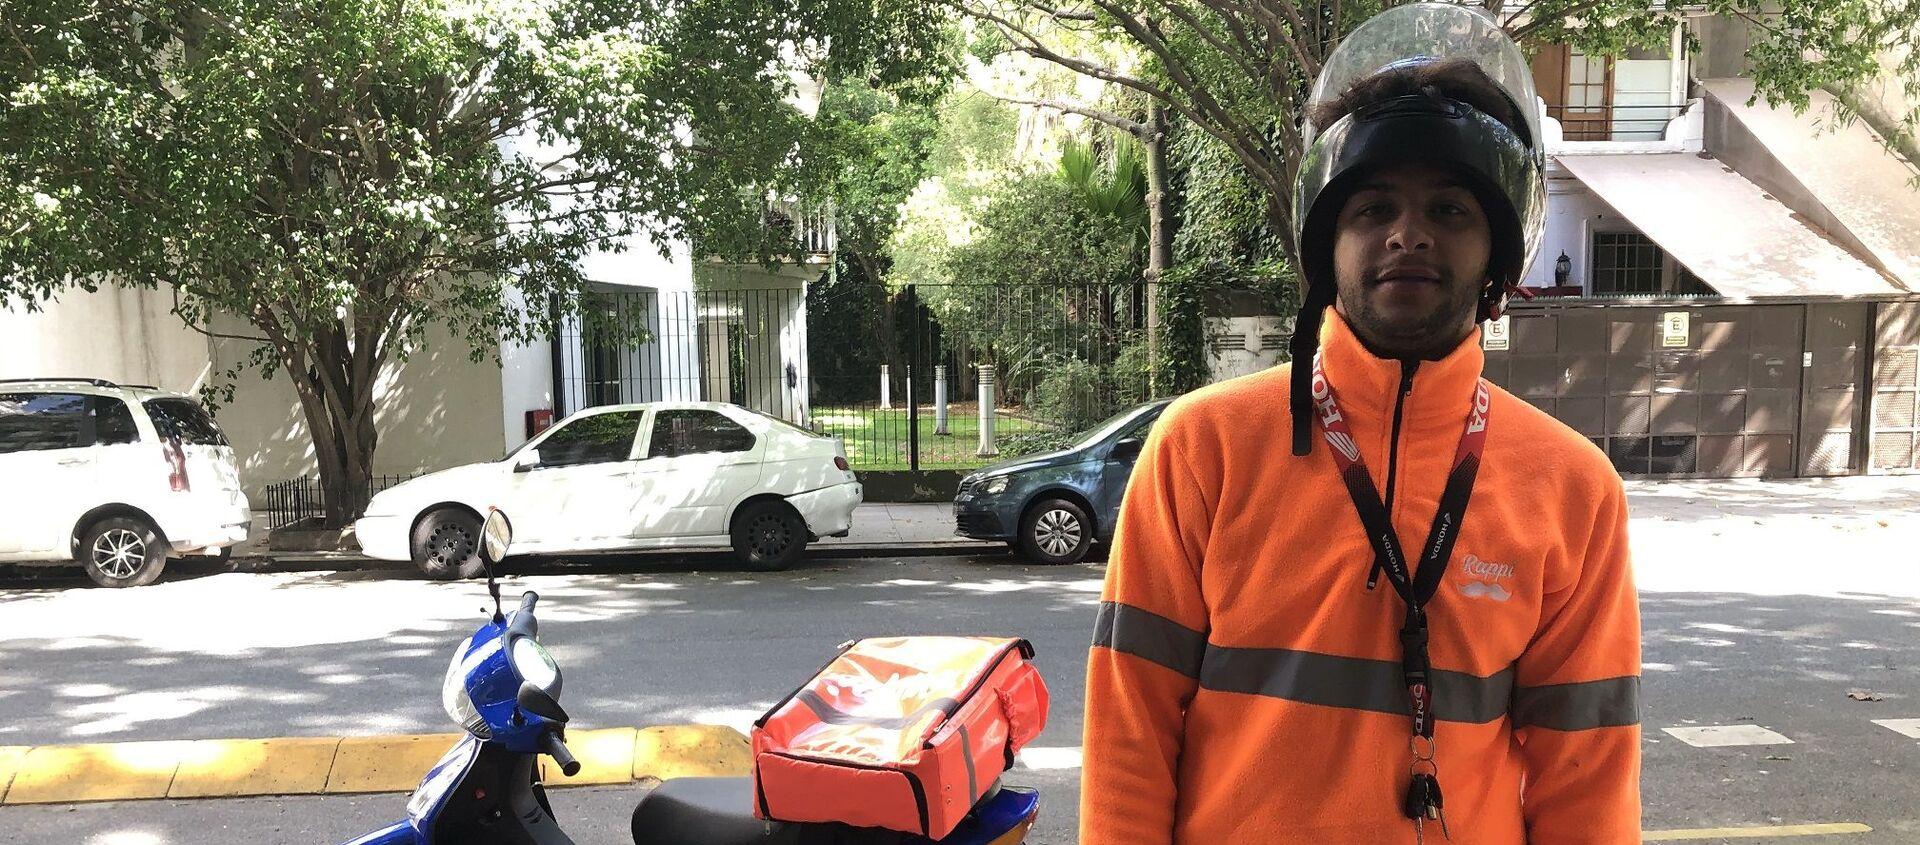 Gerson, repartidor de la aplicación Rappi, trabaja horas expuesto, sin barbijo ni guantes - Sputnik Mundo, 1920, 06.04.2020